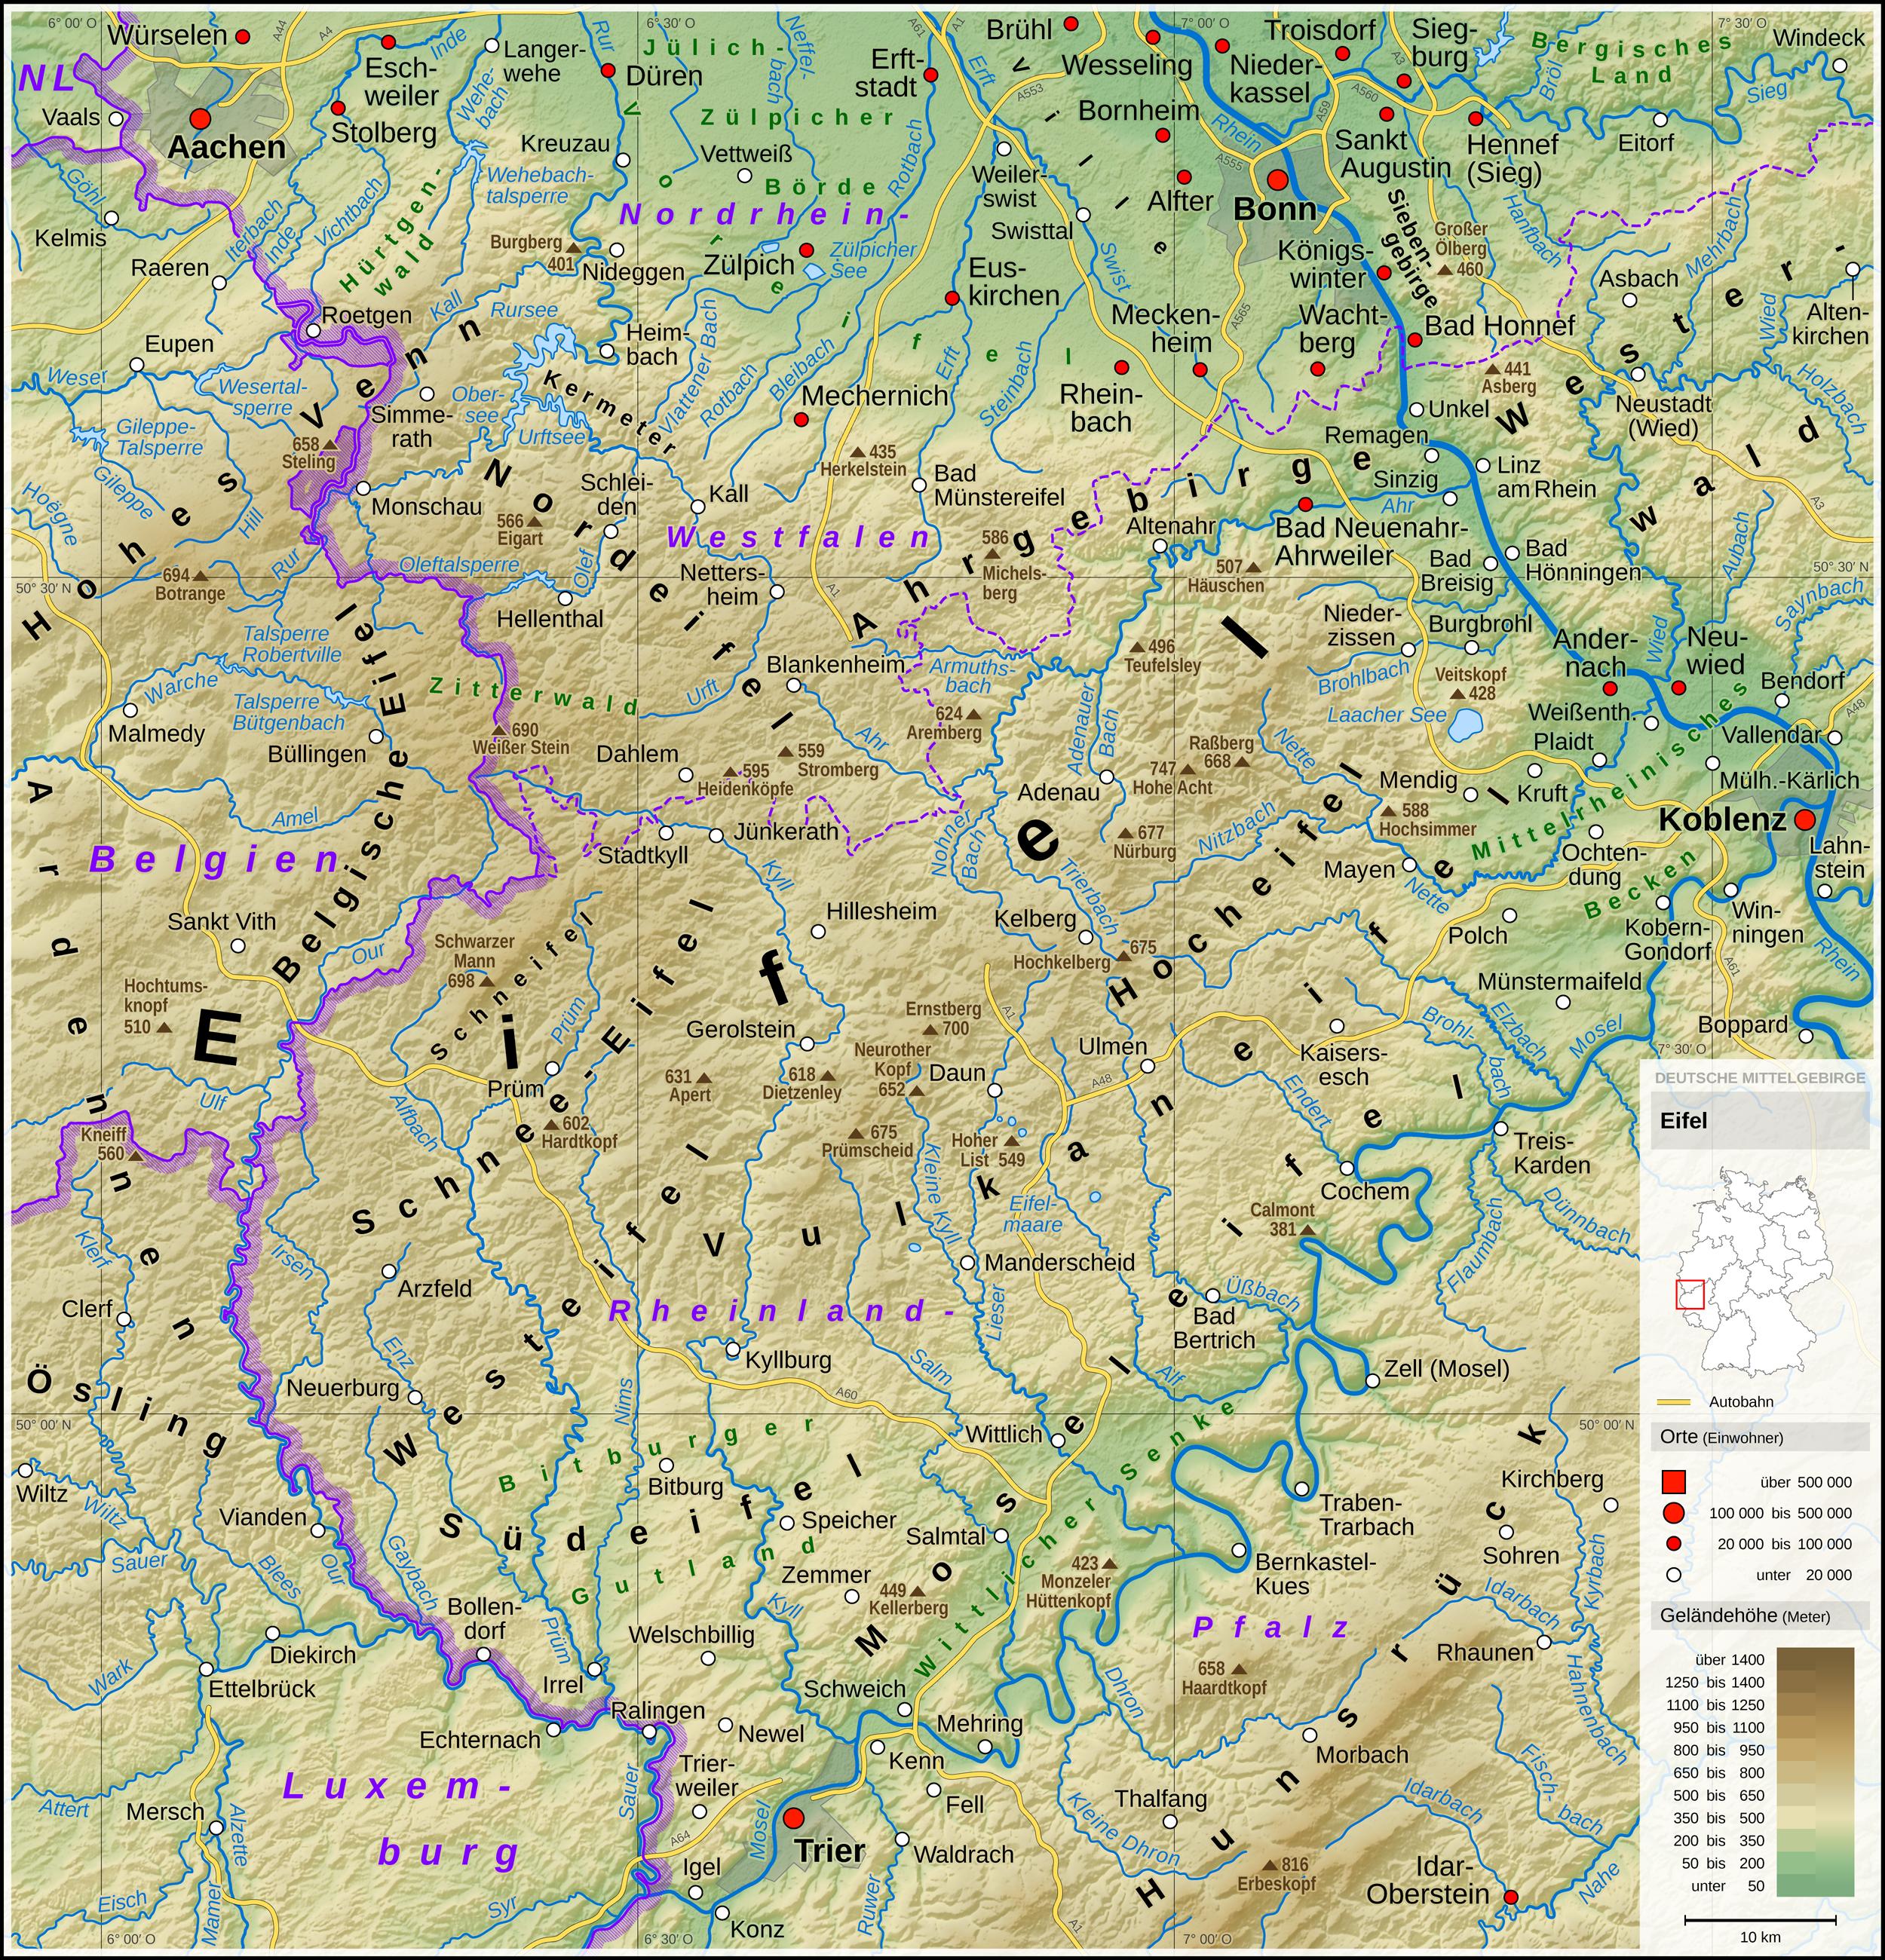 eifel gebiet karte Eifel   Wikipedia